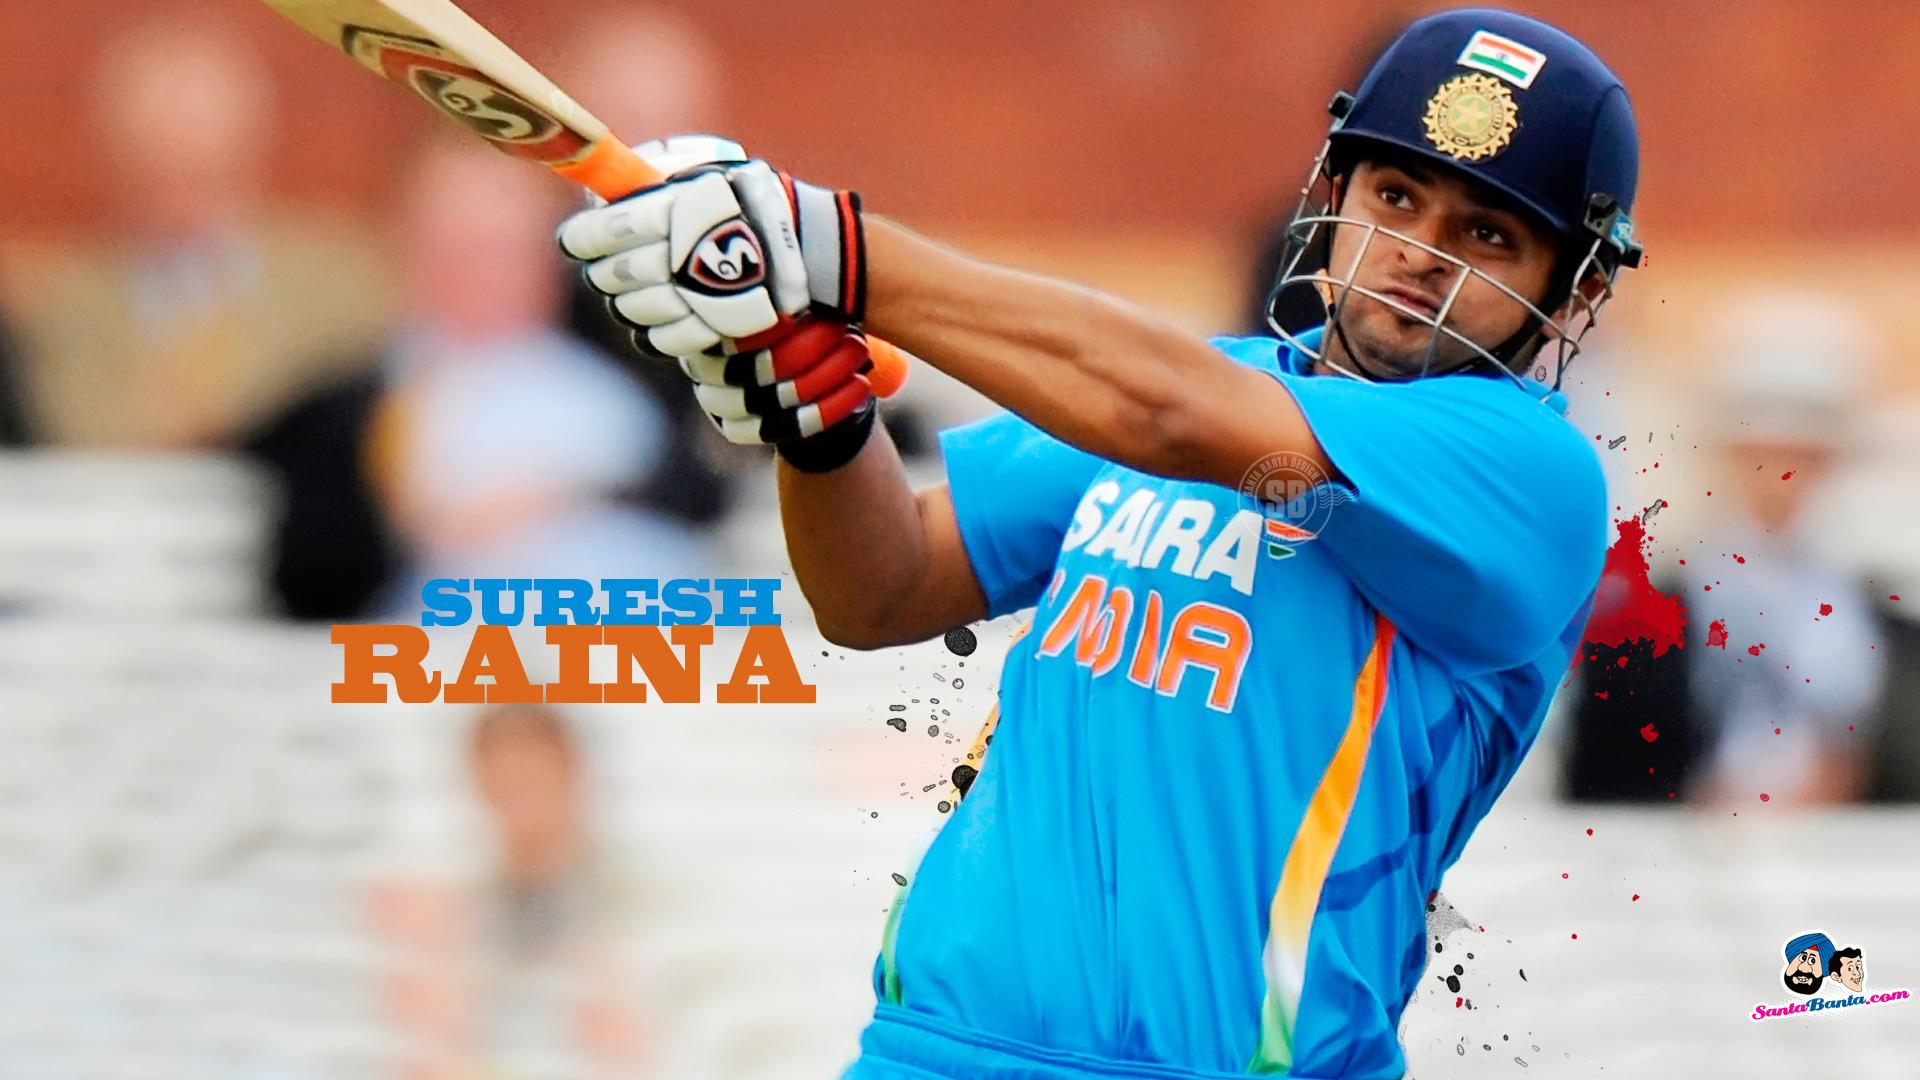 Best Suresh Raina